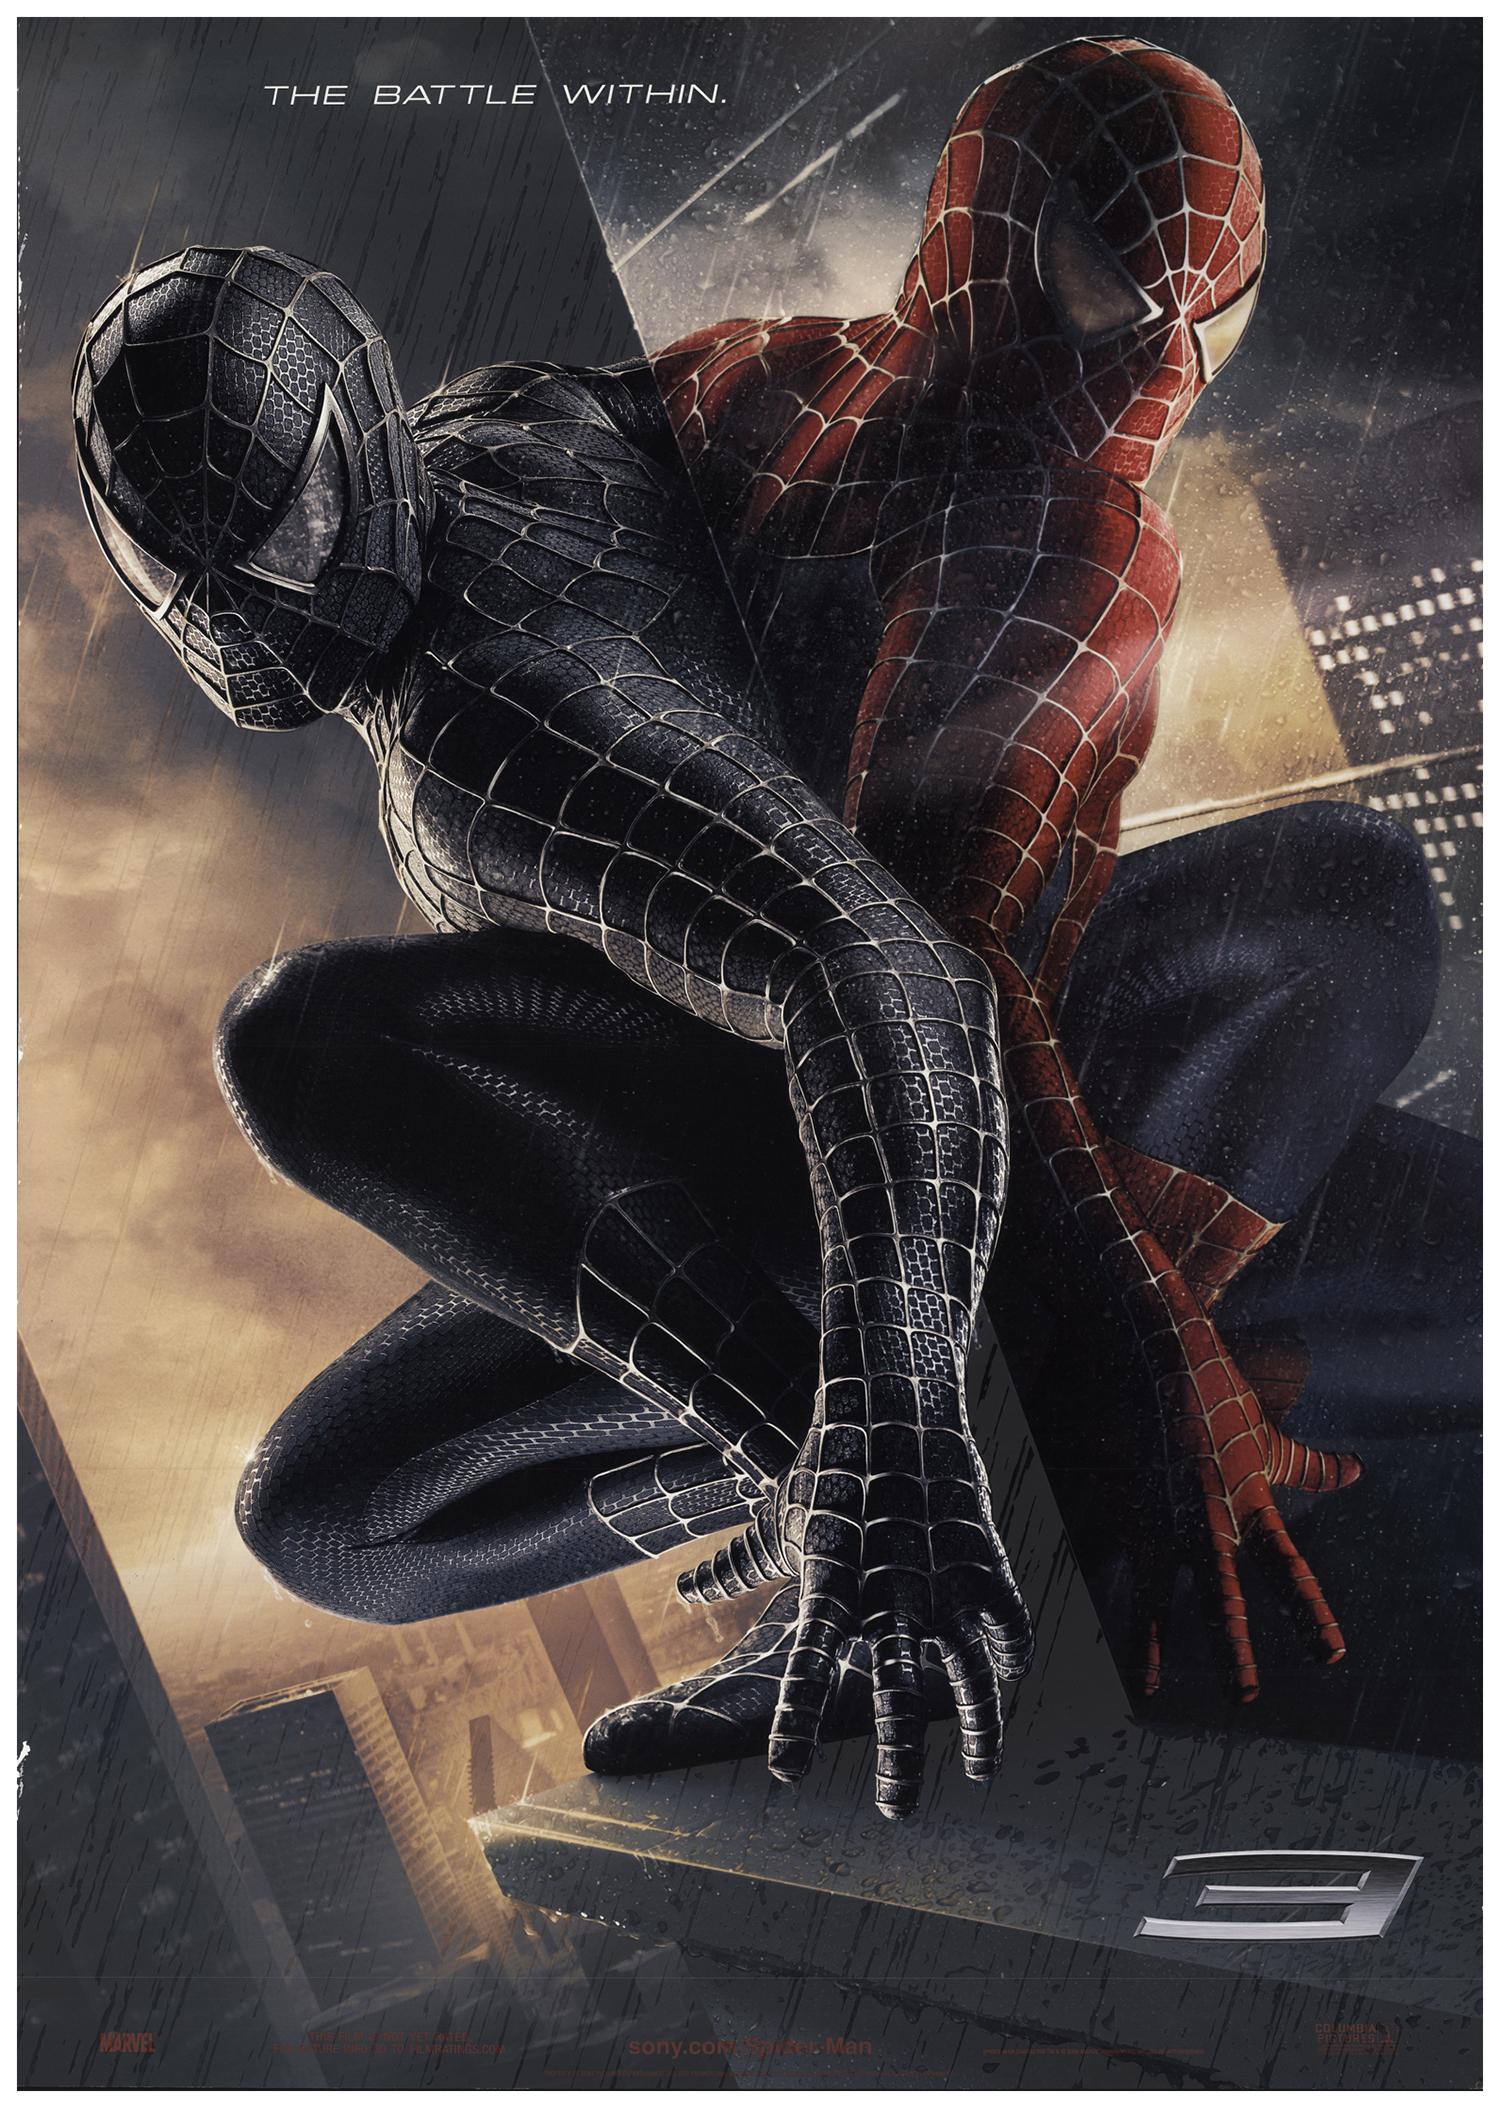 spider-man 3 2006 27x40 orig movie poster fff-67271 rolled fine